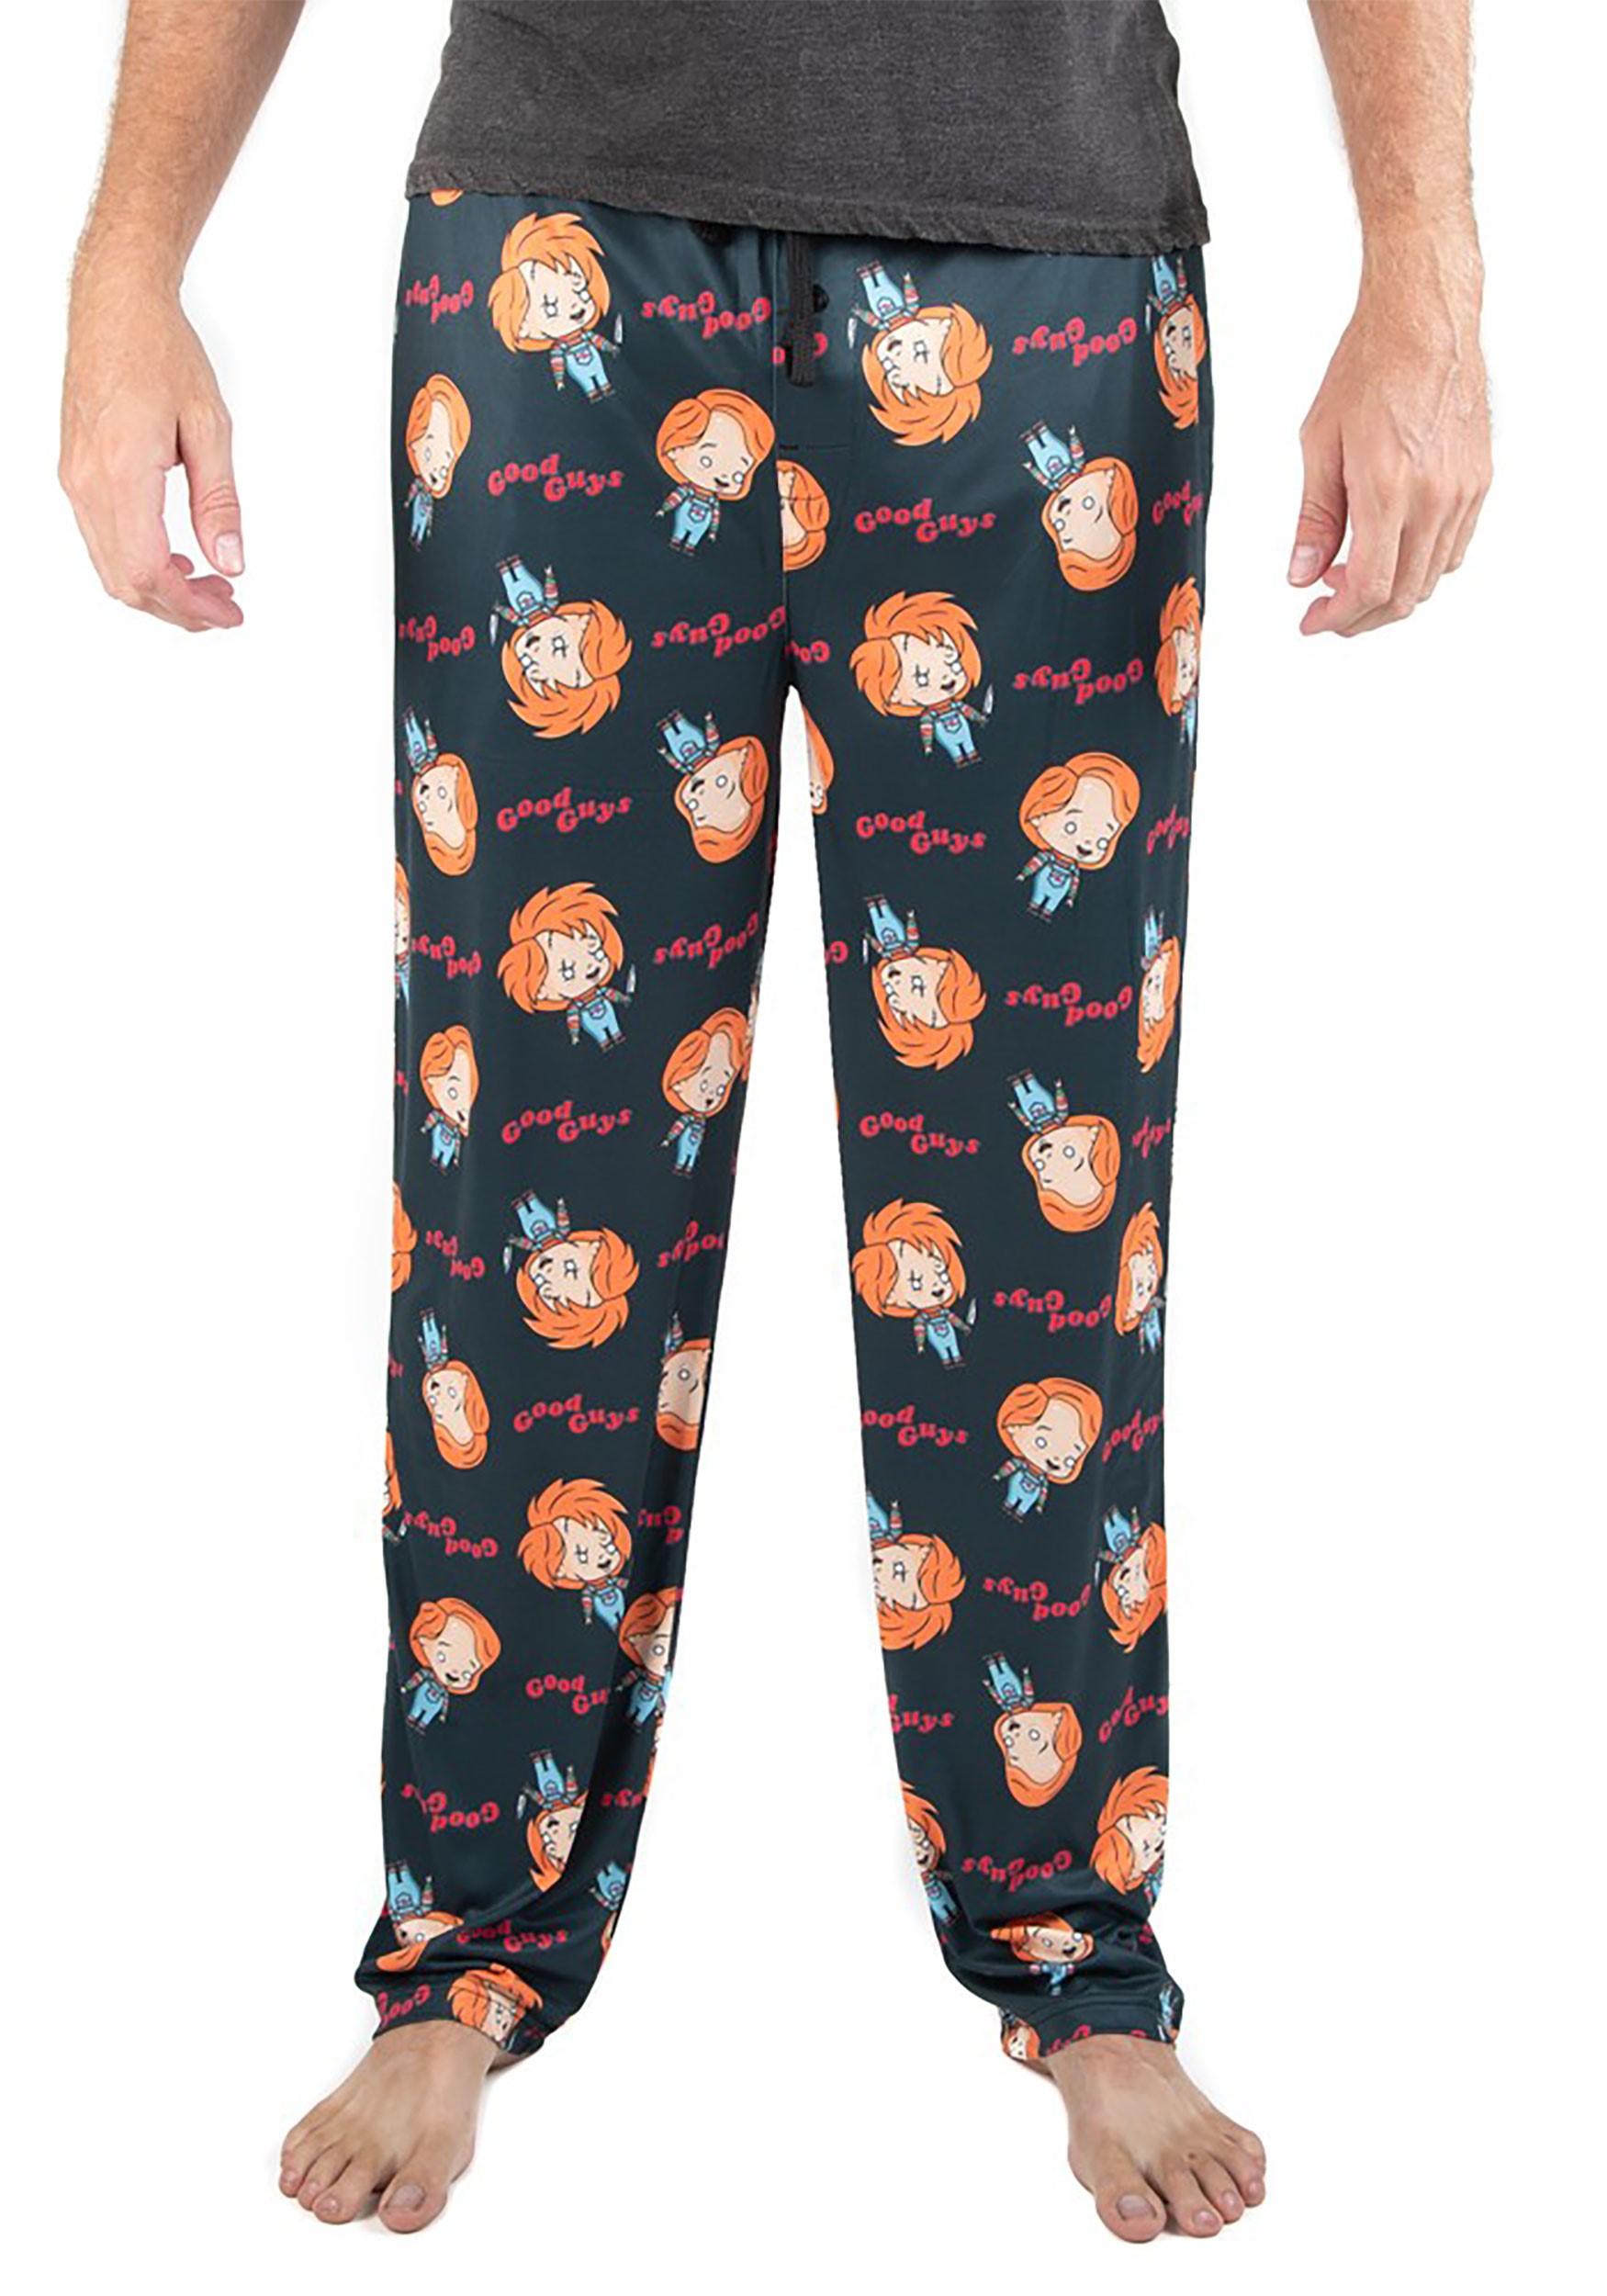 Sleep Pants Chucky All Over Print Sleep Pants